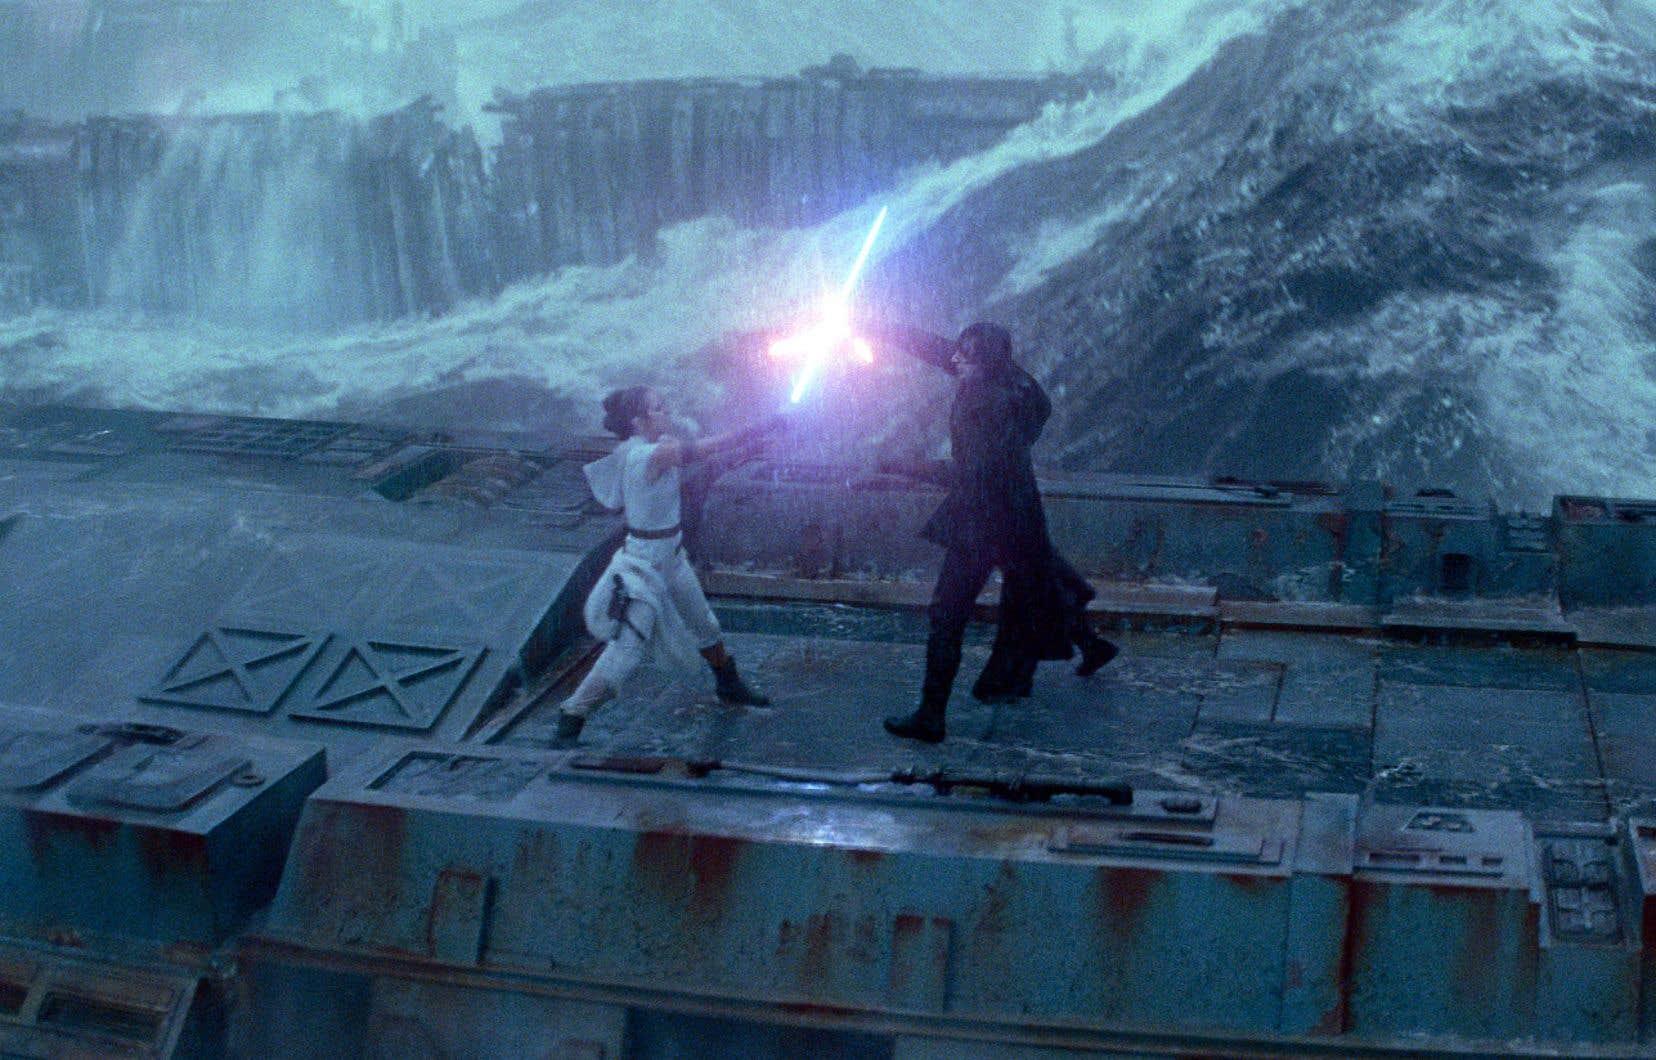 On peut s'attendre à une révélation concernant Rey et les raisons de son association à la Force. Une théorie veut qu'elle soit la demi-sœur de Kylo, une autre rappelle le motif de la gémellité…